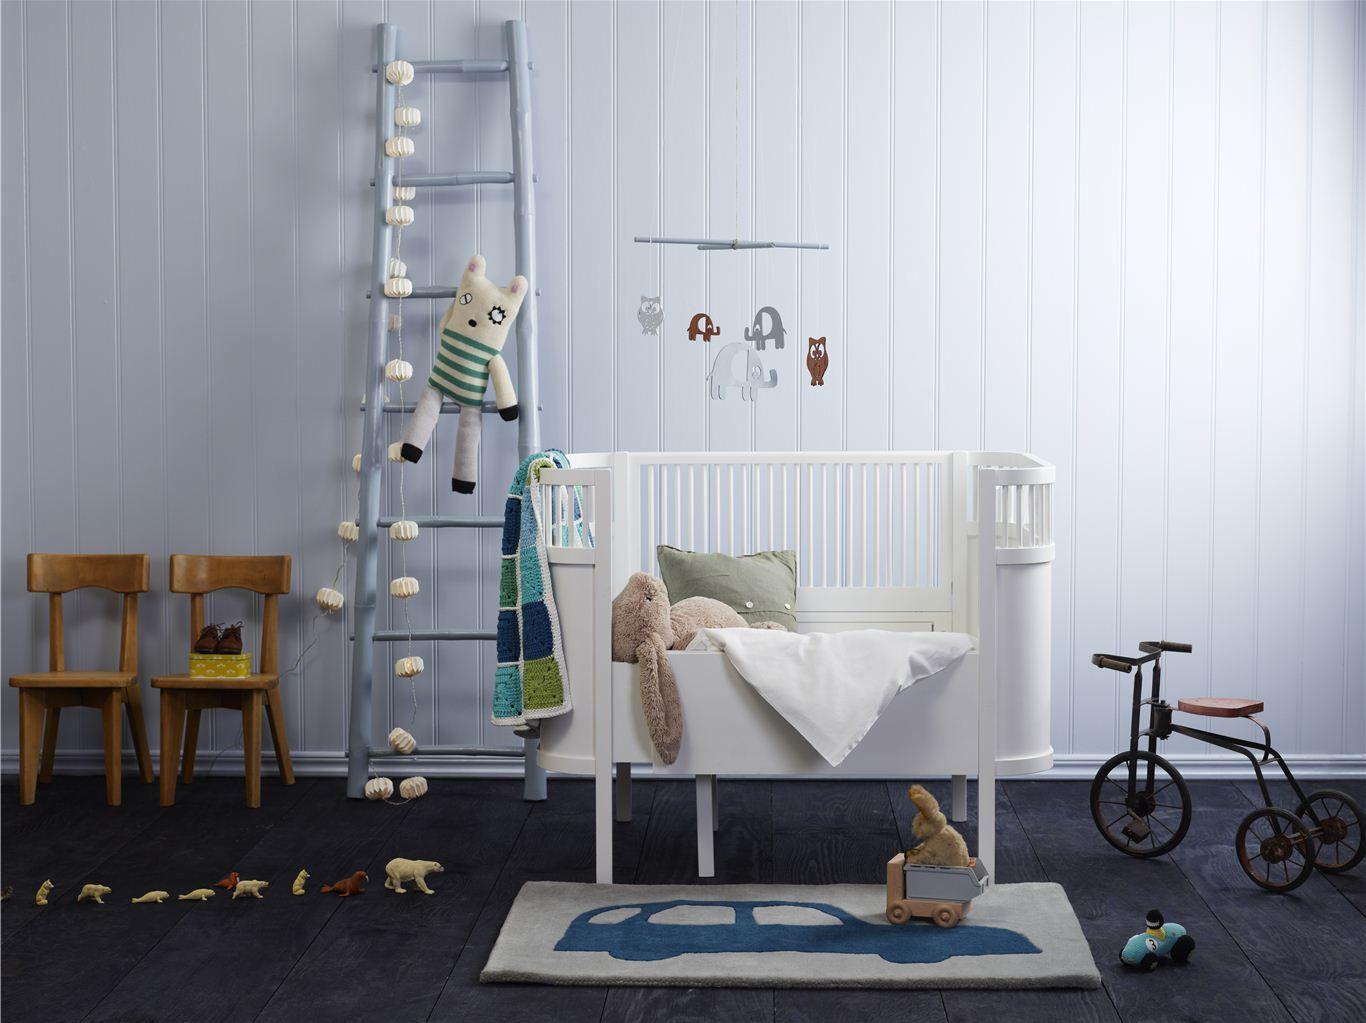 Camere Da Sogno Fine Living : Amaca e letto in camera da letto immagine stock immagine di